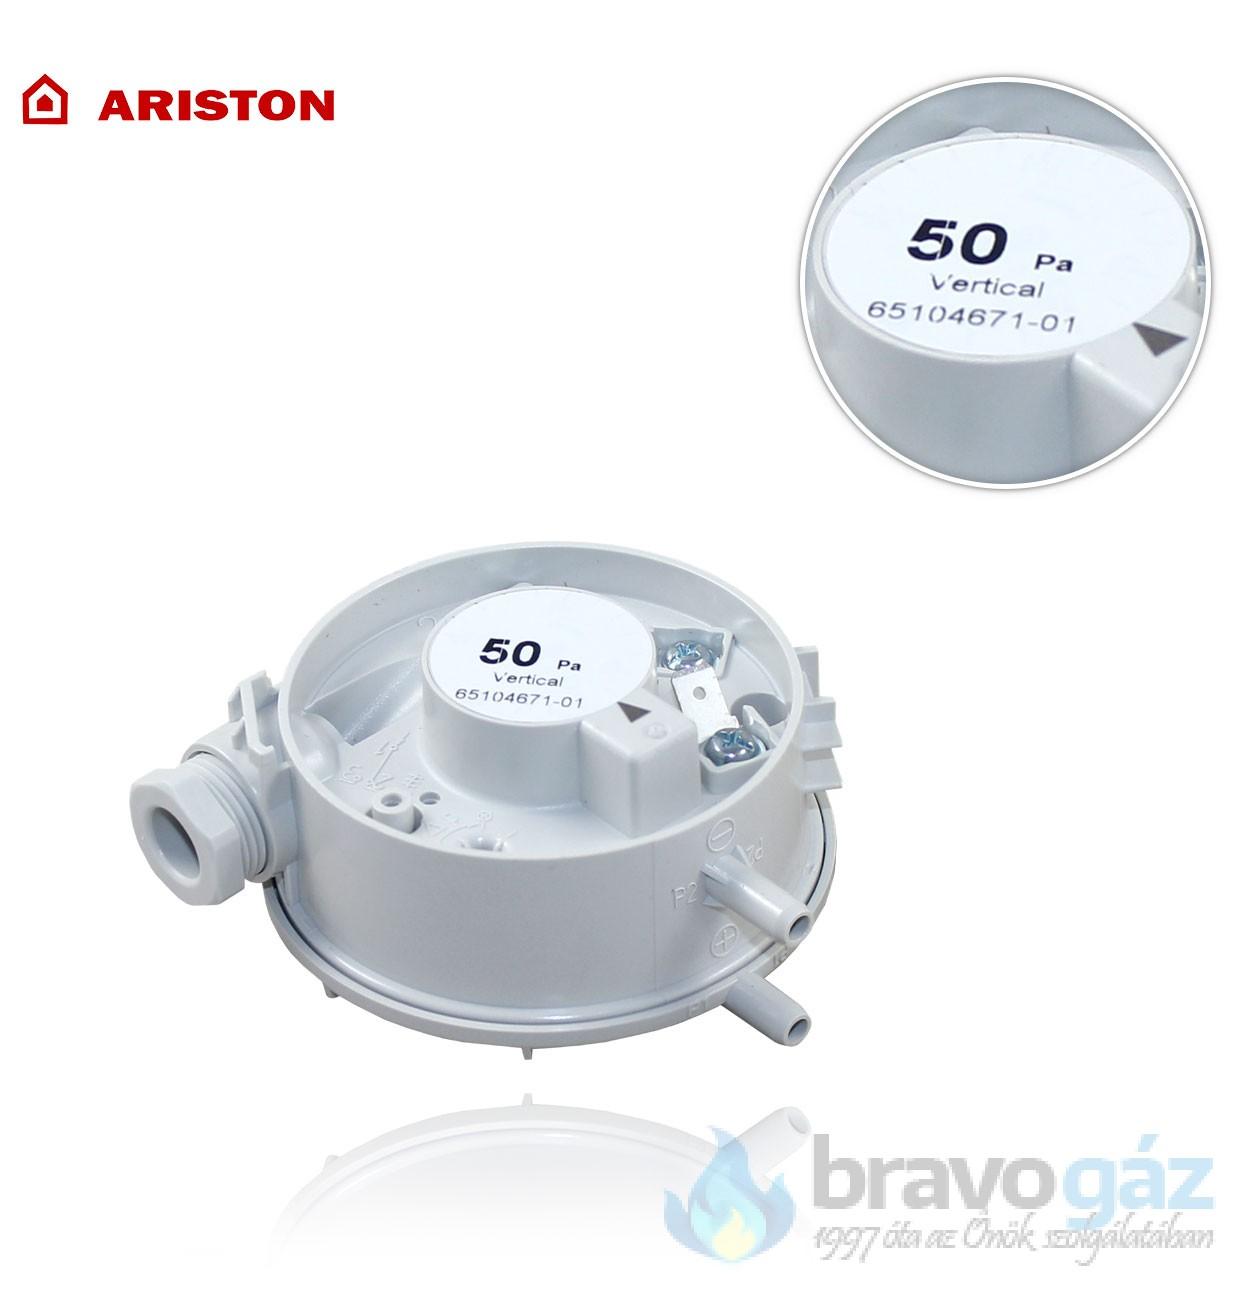 Ariston presszosztát - 65104671-01